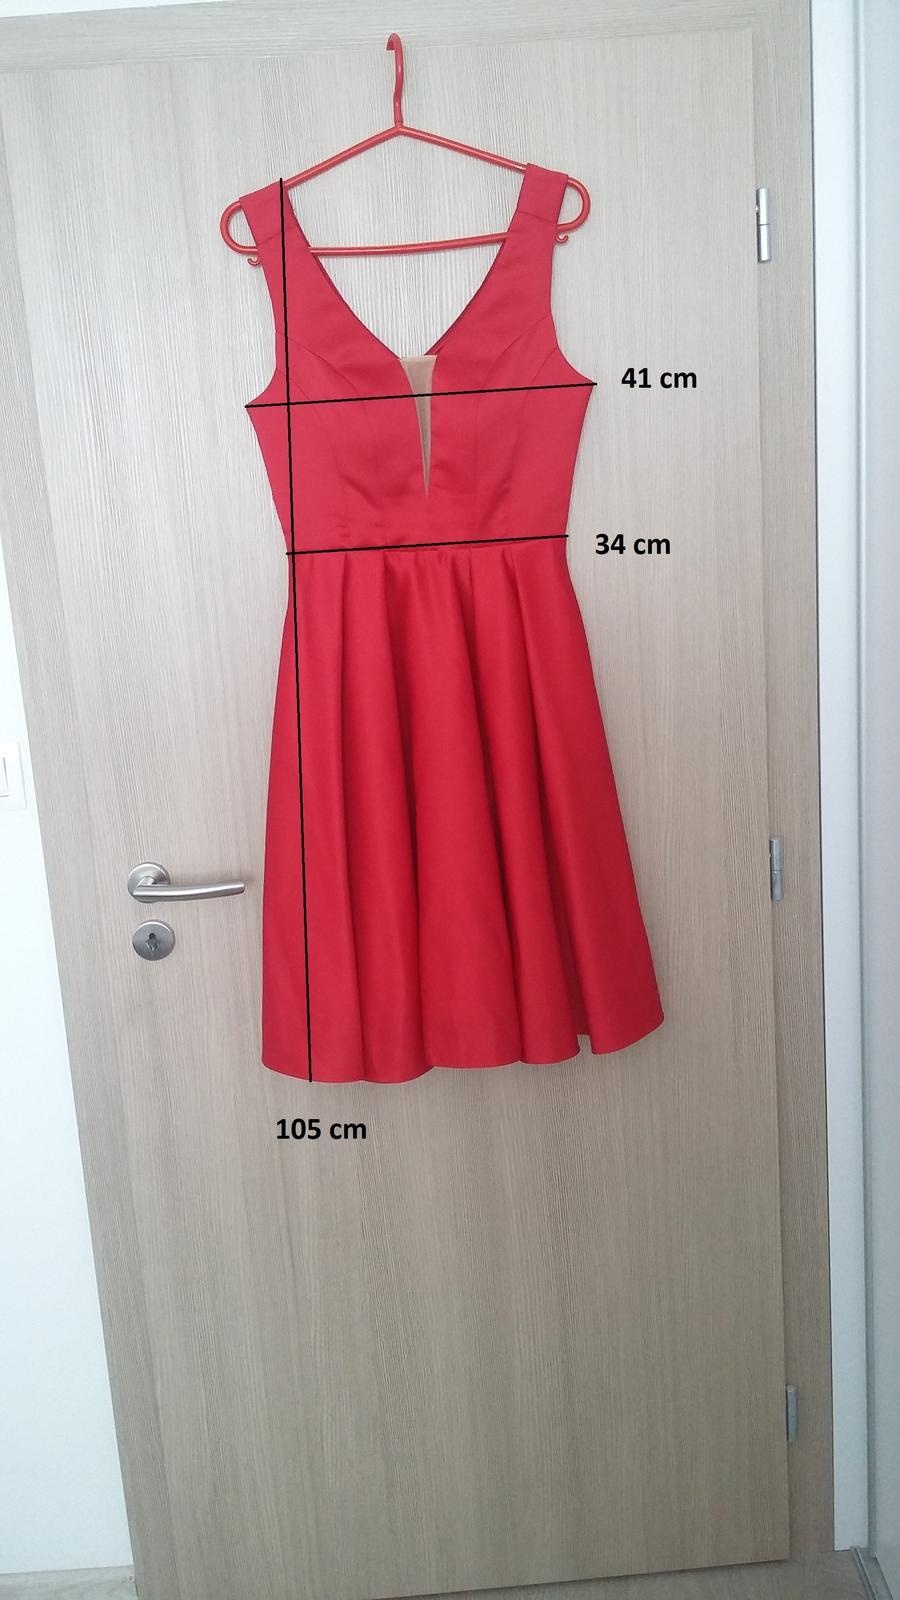 Červené šaty, redový - Obrázok č. 2